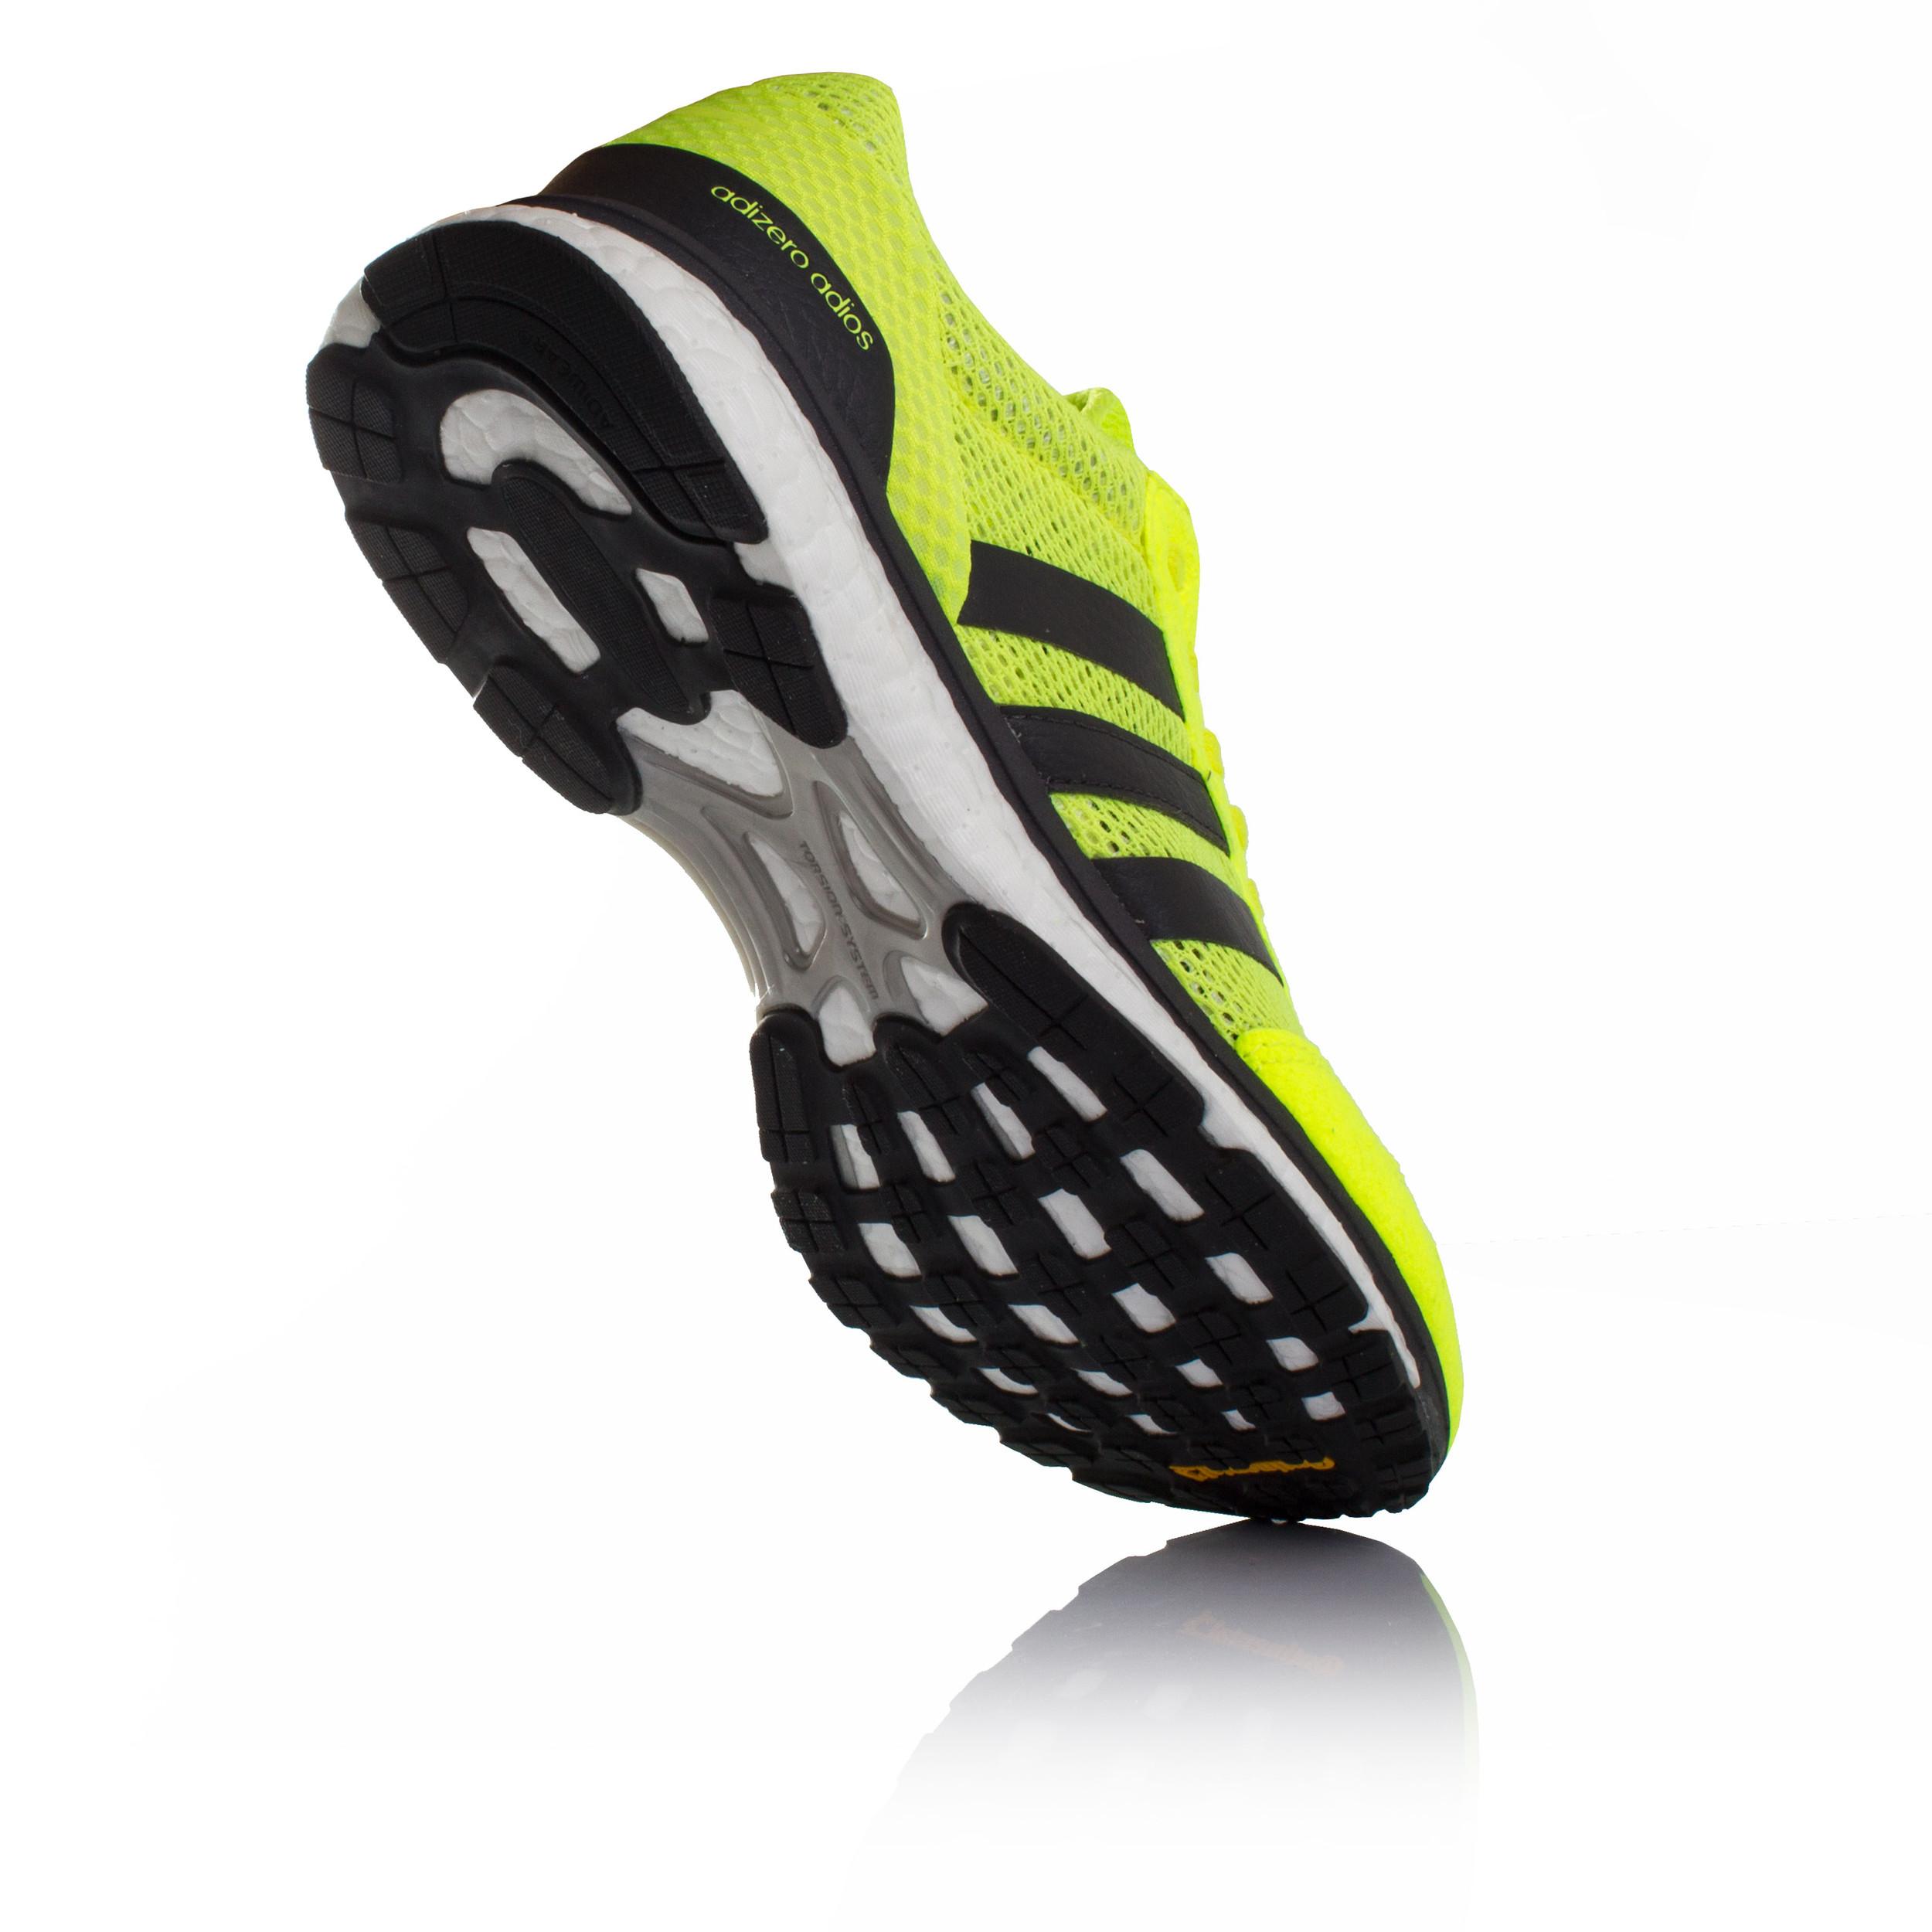 Adidas Adizero Adiós Zapatos Corrientes De Las Mujeres pU0w2hOq